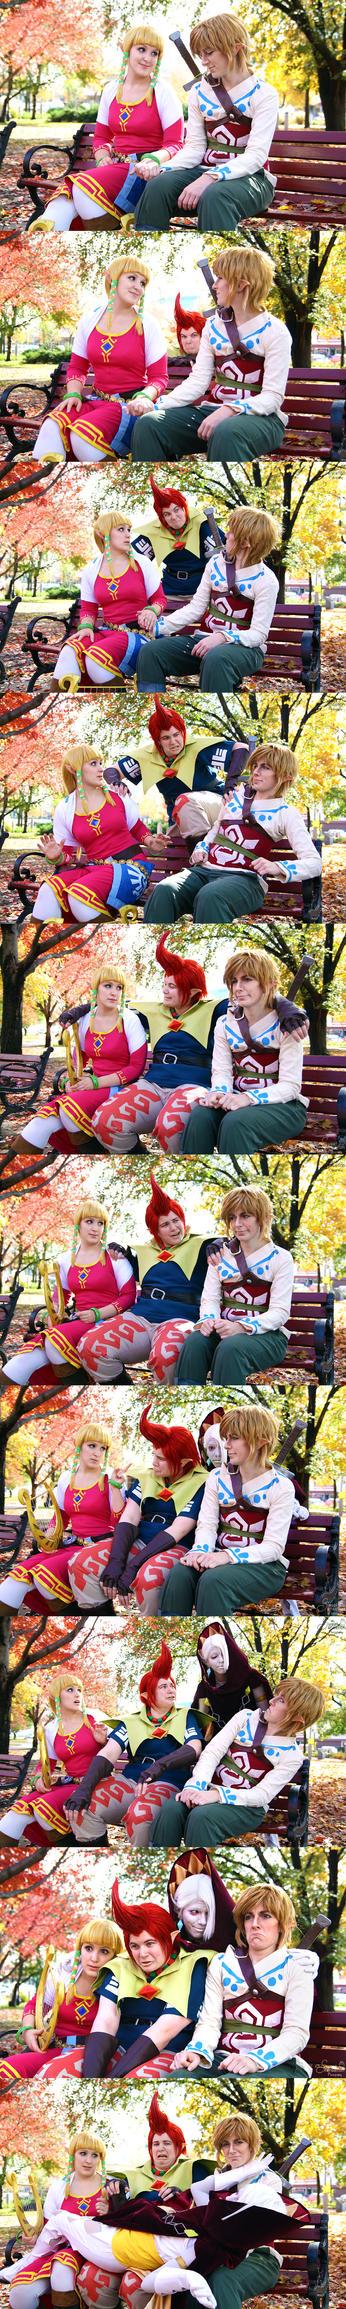 A Not So Zelda Date by EnchantedCupcake